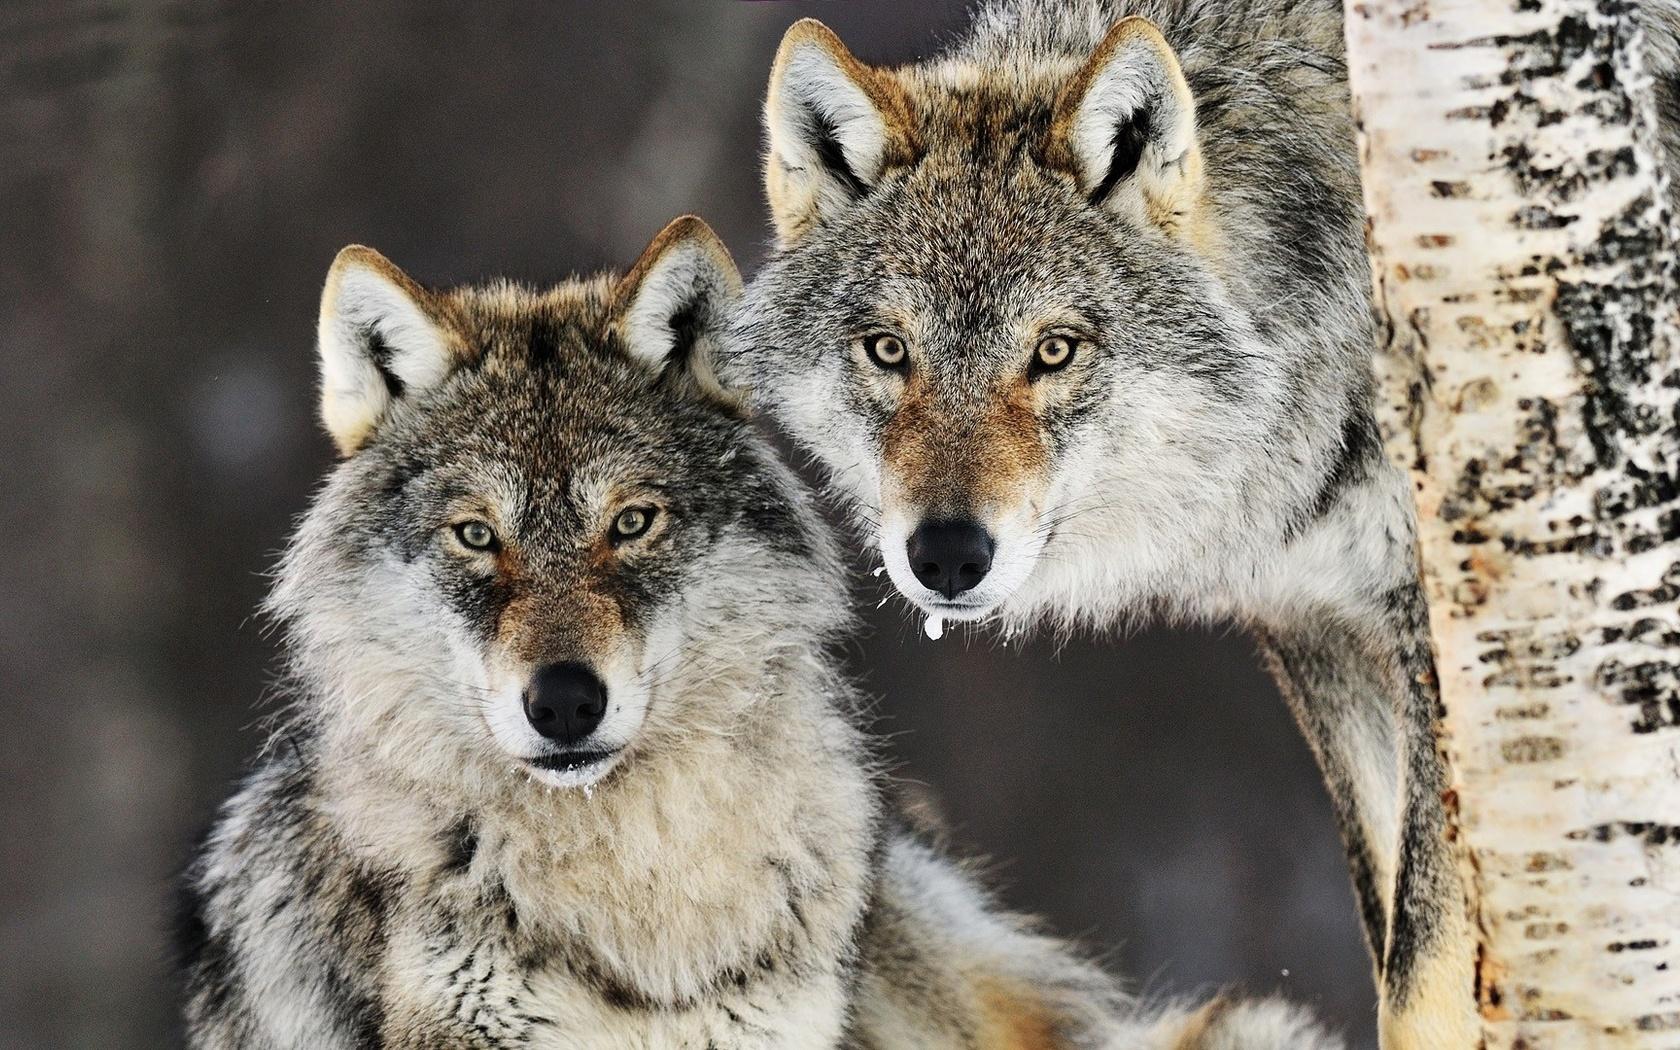 фотографии волков в высоком качестве торцах конструктивистских корпусов